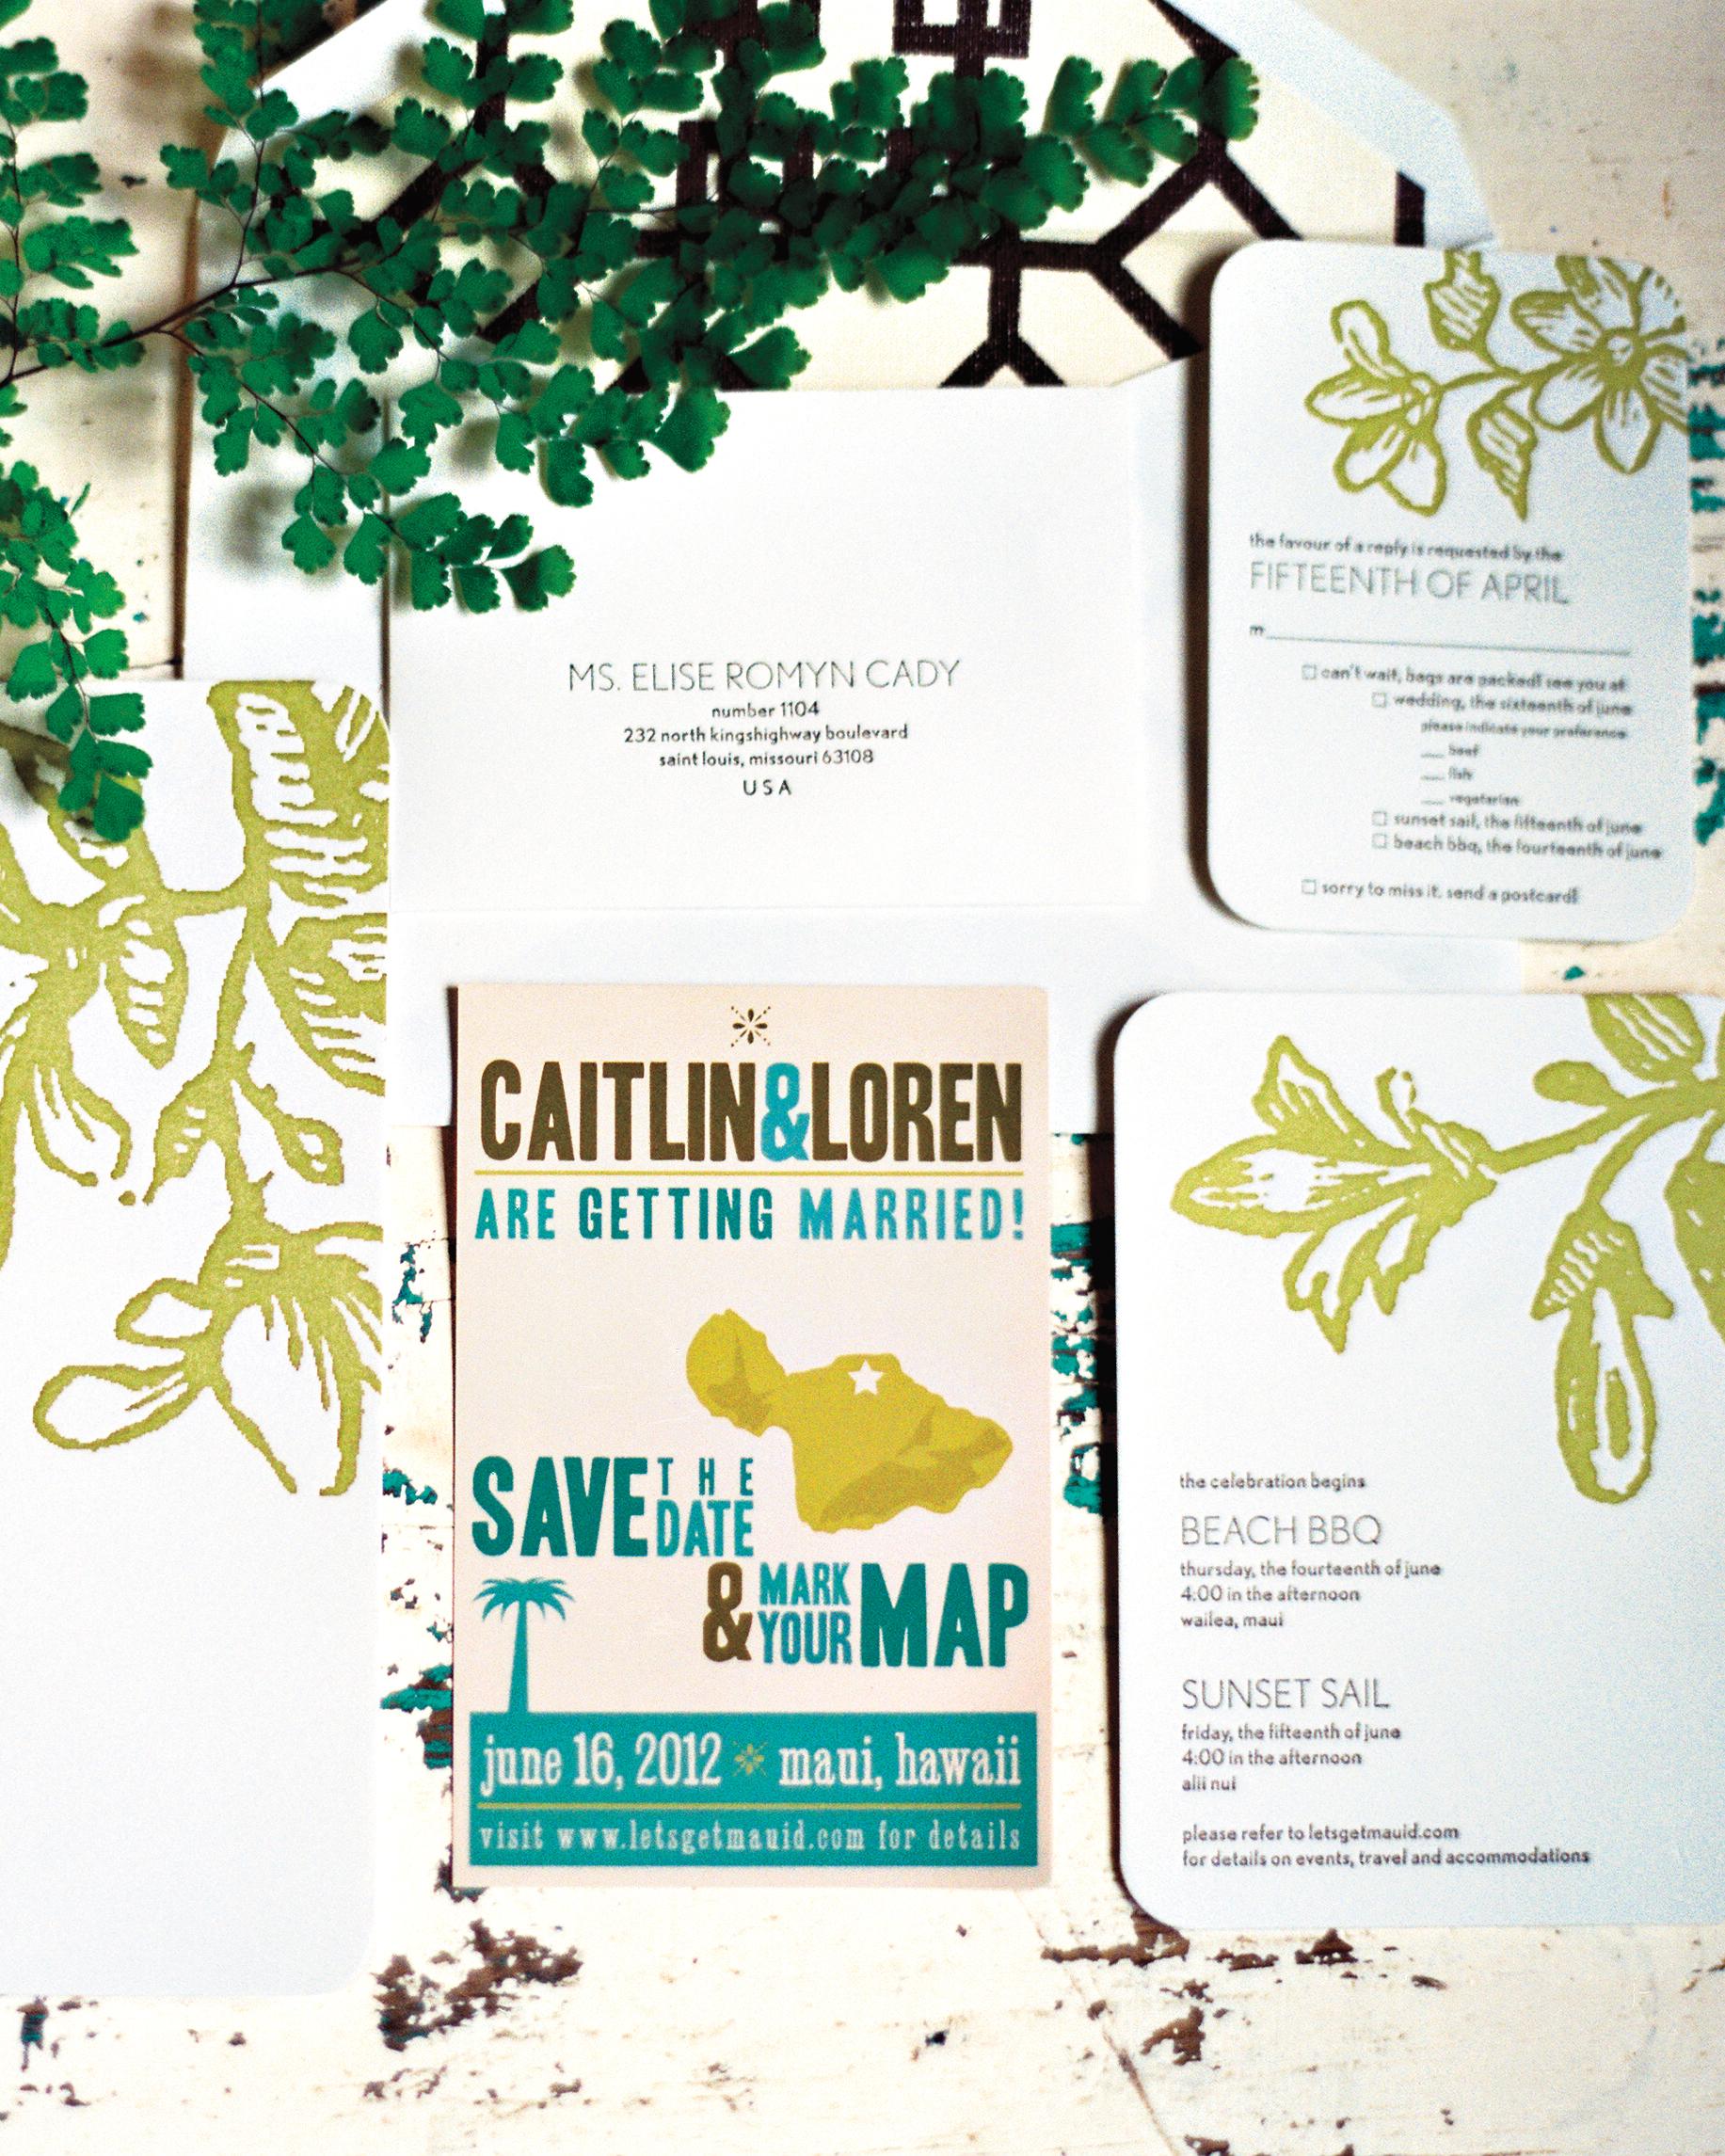 caitlin-loren-stationery-006-mwds110278.jpg